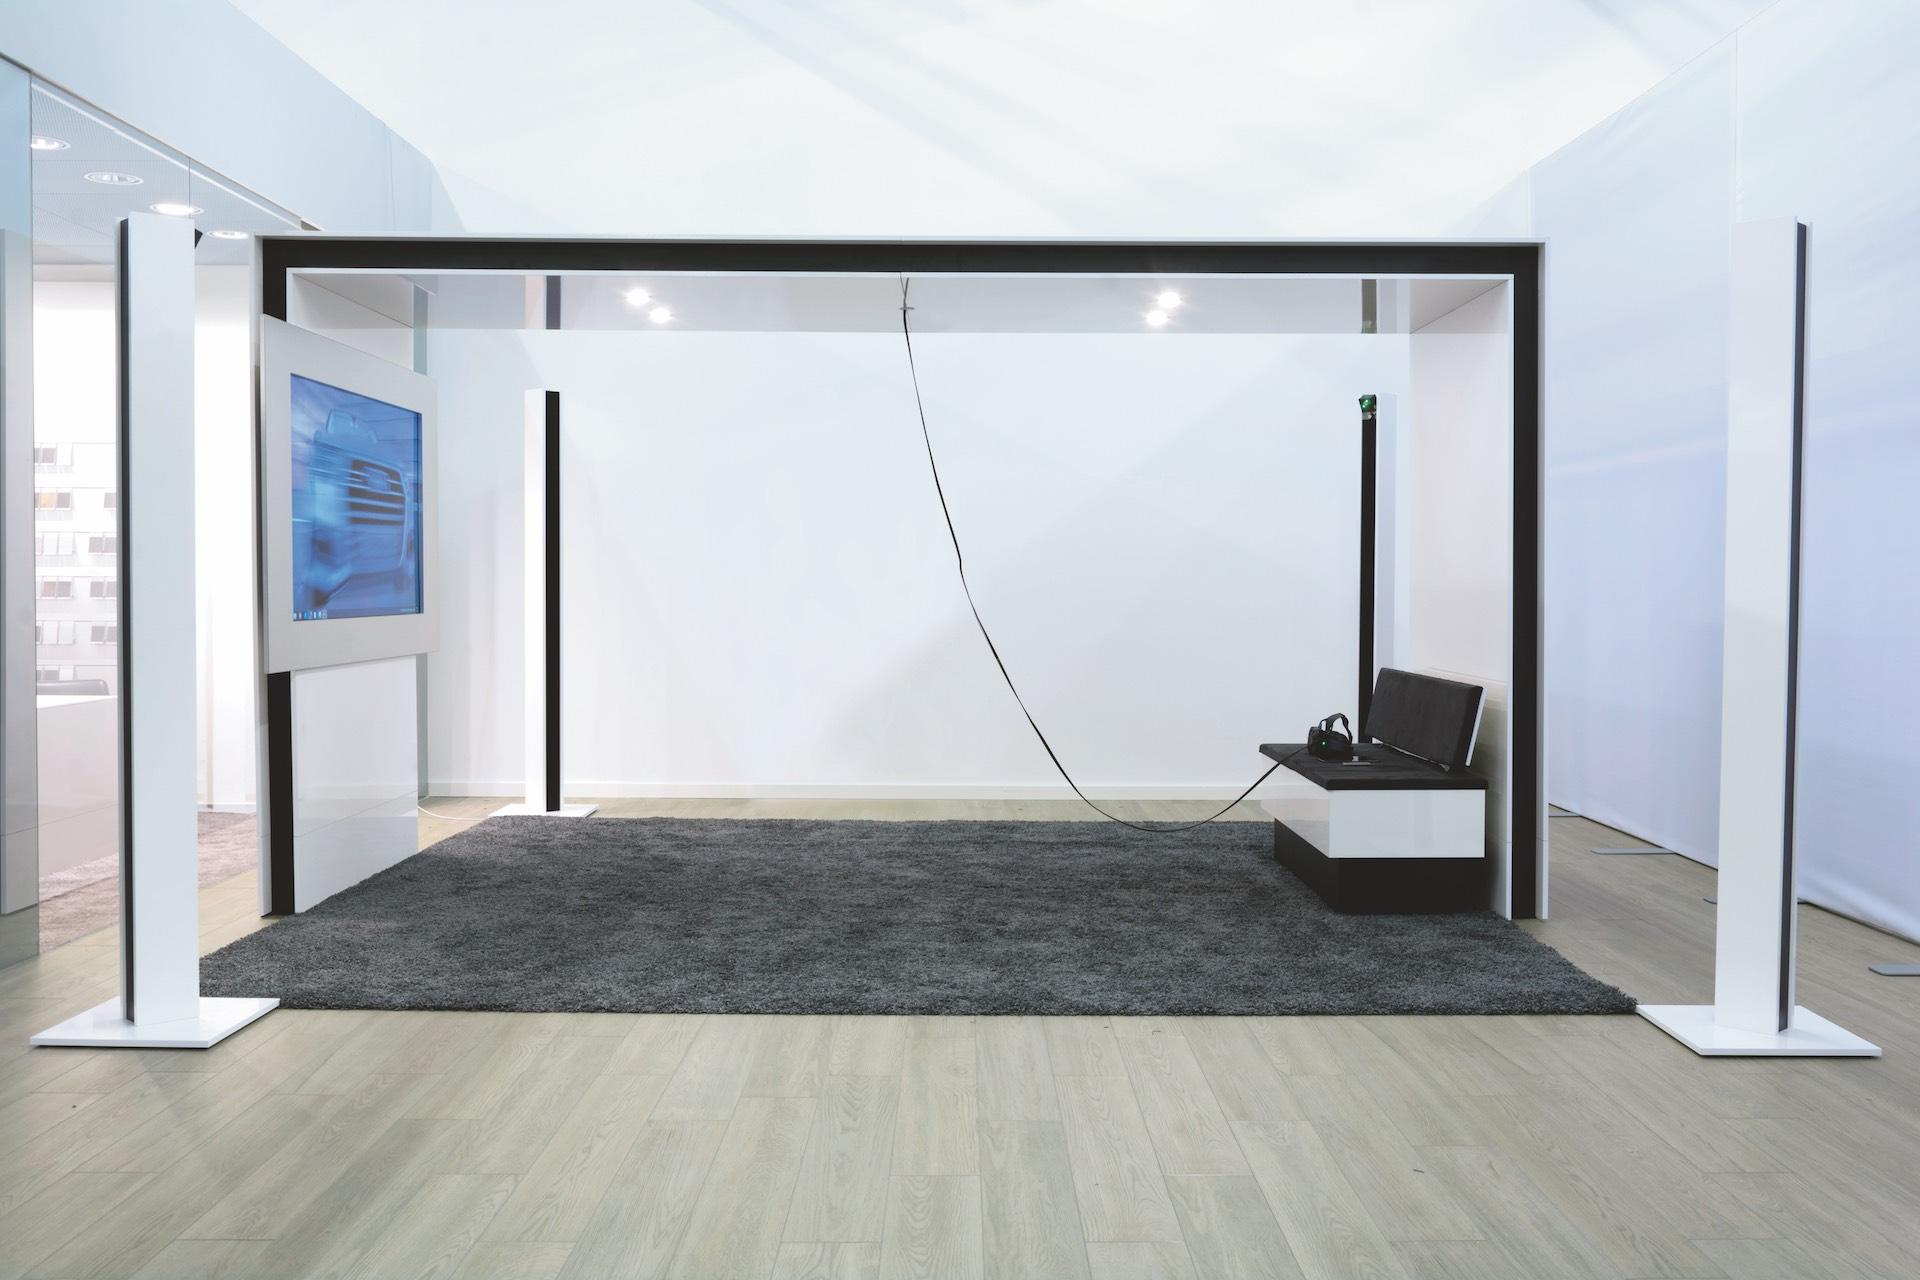 Htc Vive New Room